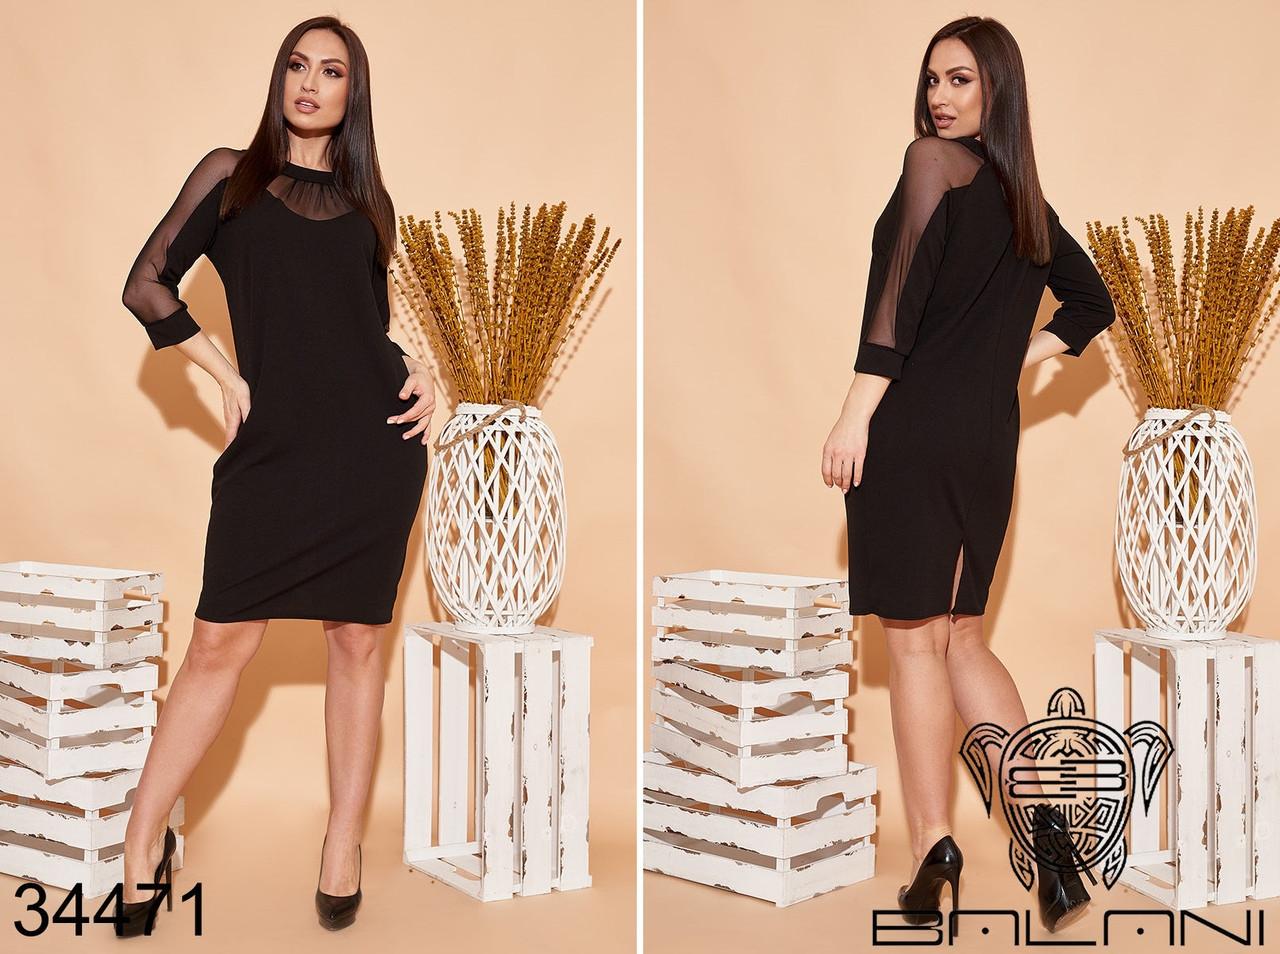 Элегантное женское платье со вставкой из сетки  размер: 48-50,52-54,56-58,60-62